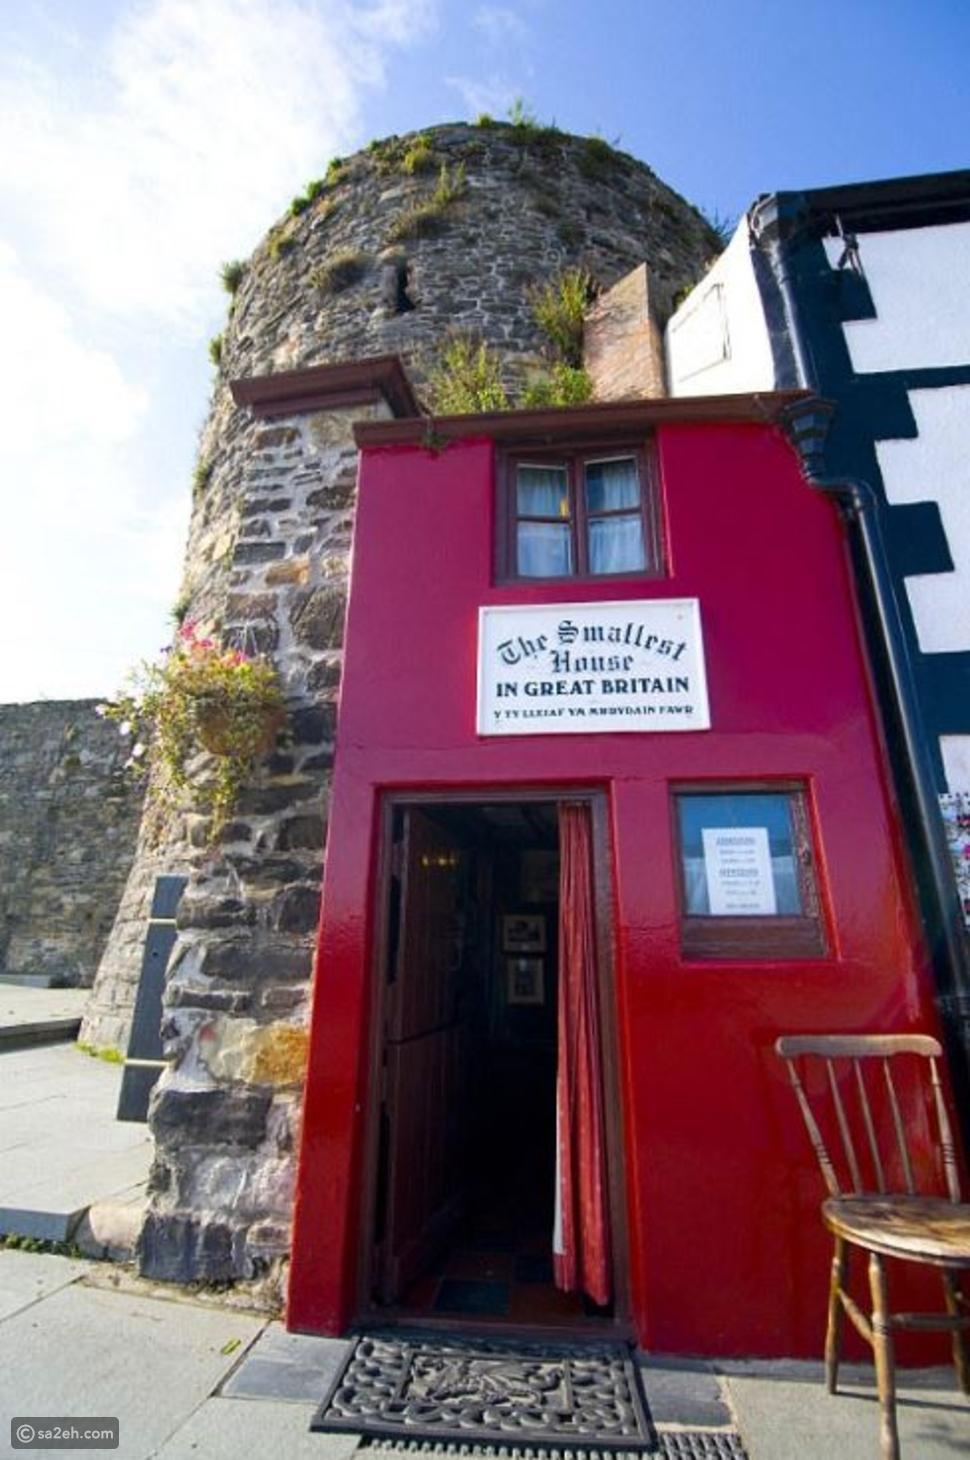 شاهد أصغر منزل في المملكة المتحدة: ارتفاعه 122 بوصة